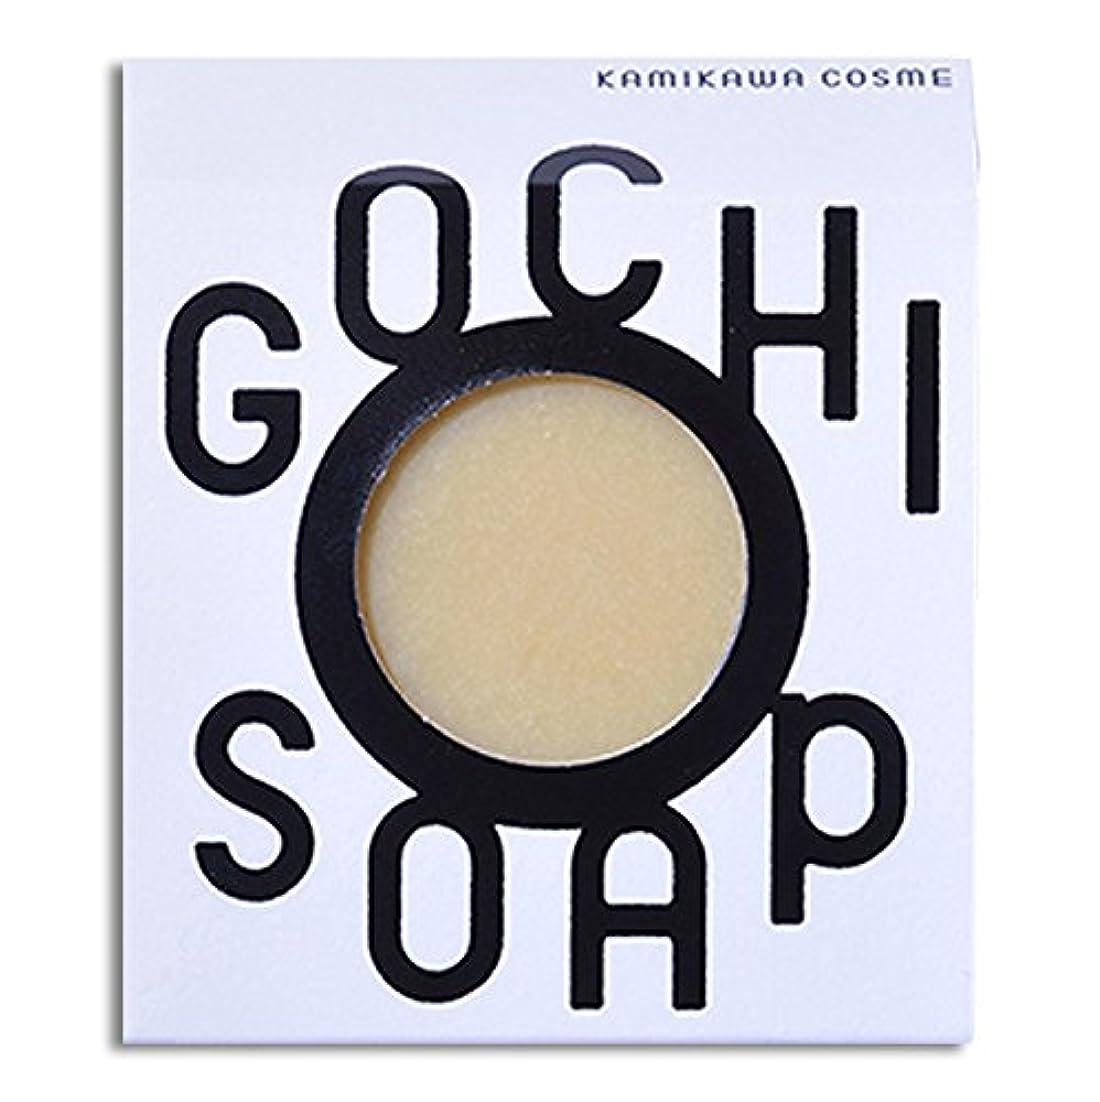 手書き覆す厳道北の素材を使用したコスメブランド GOCHI SOAP(山路養蜂園の蜂蜜ソープ?ふじくらますも果樹園のりんごソープ)各1個セット